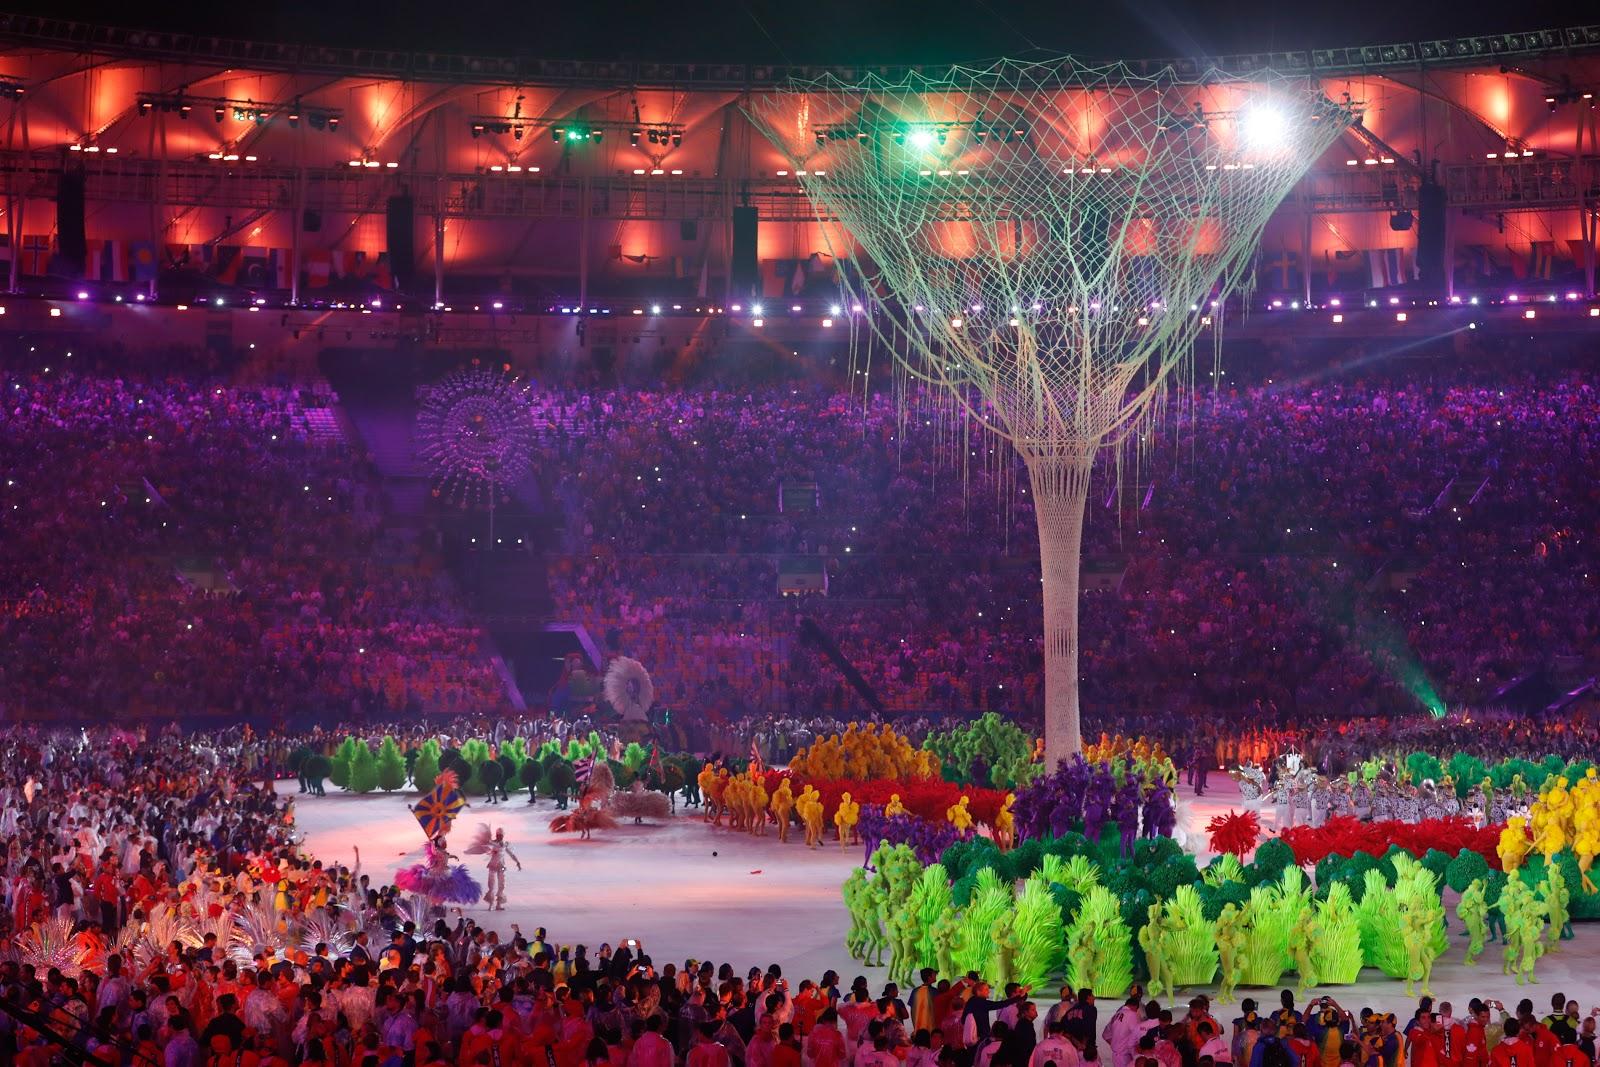 2016年のリオデジャネイロオリンピックの閉会式で夜のメインスタジアムに巨木のオブジェが神秘的に幻想的に立てられている